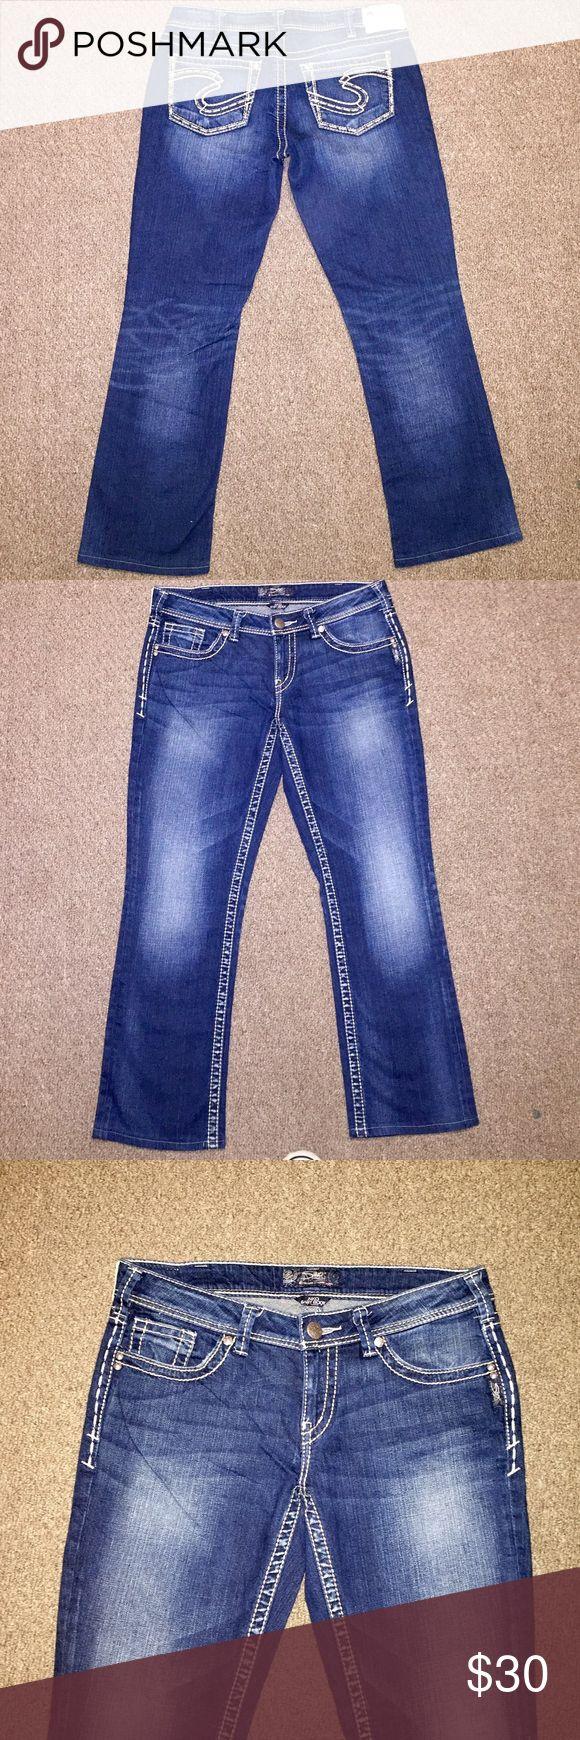 1000  ideas about Women's Silver Jeans on Pinterest | Women's ...